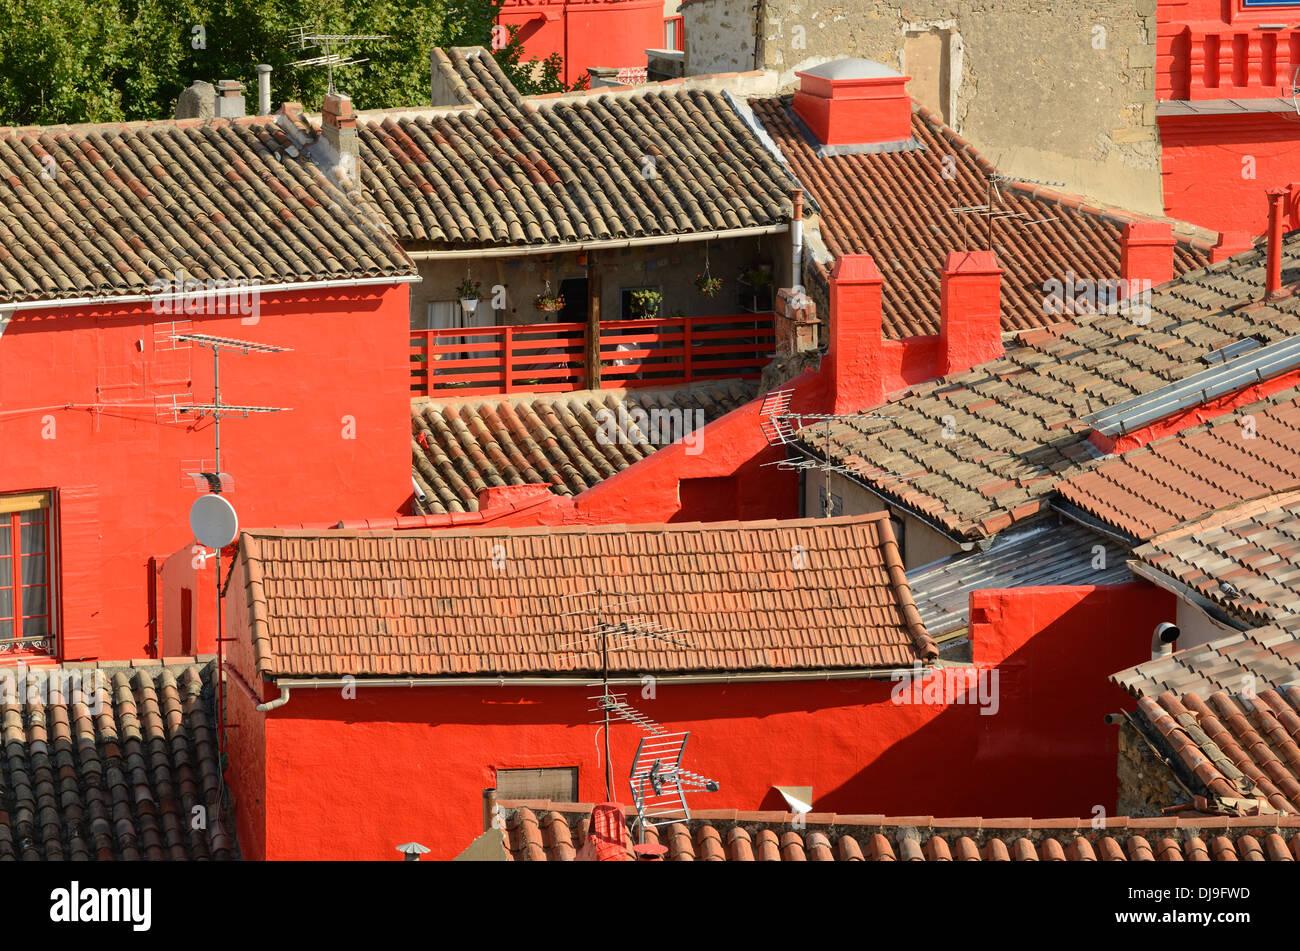 Casa Pintada De Rojo Fotos e Imágenes de stock - Alamy